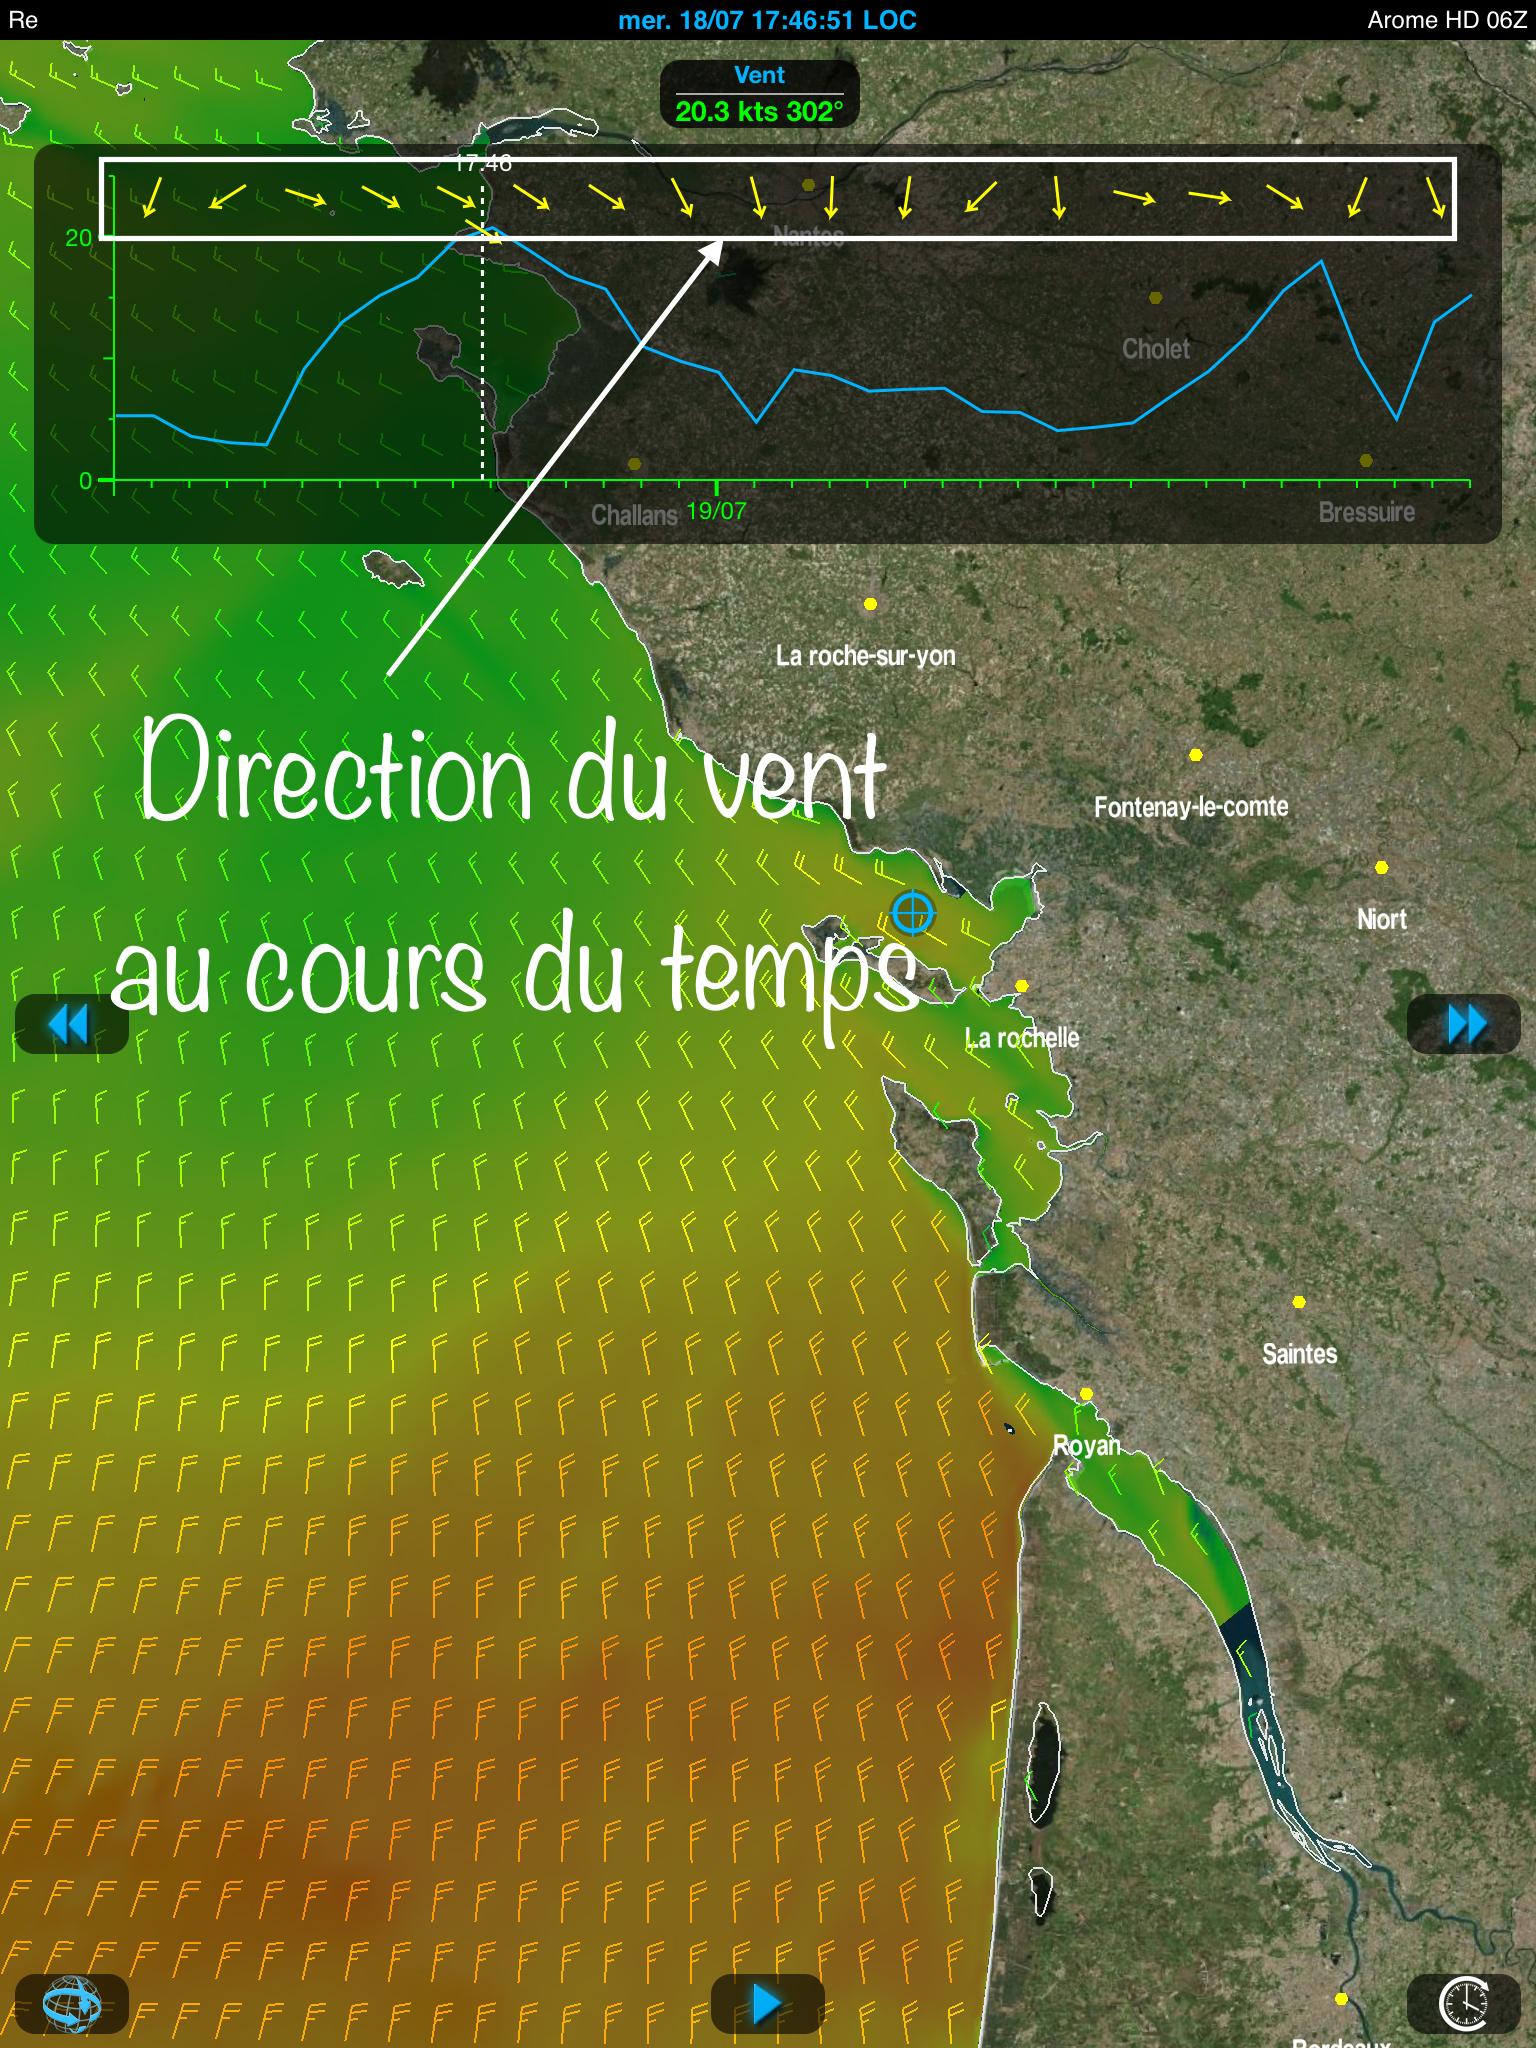 Direction du vent au cours du temps